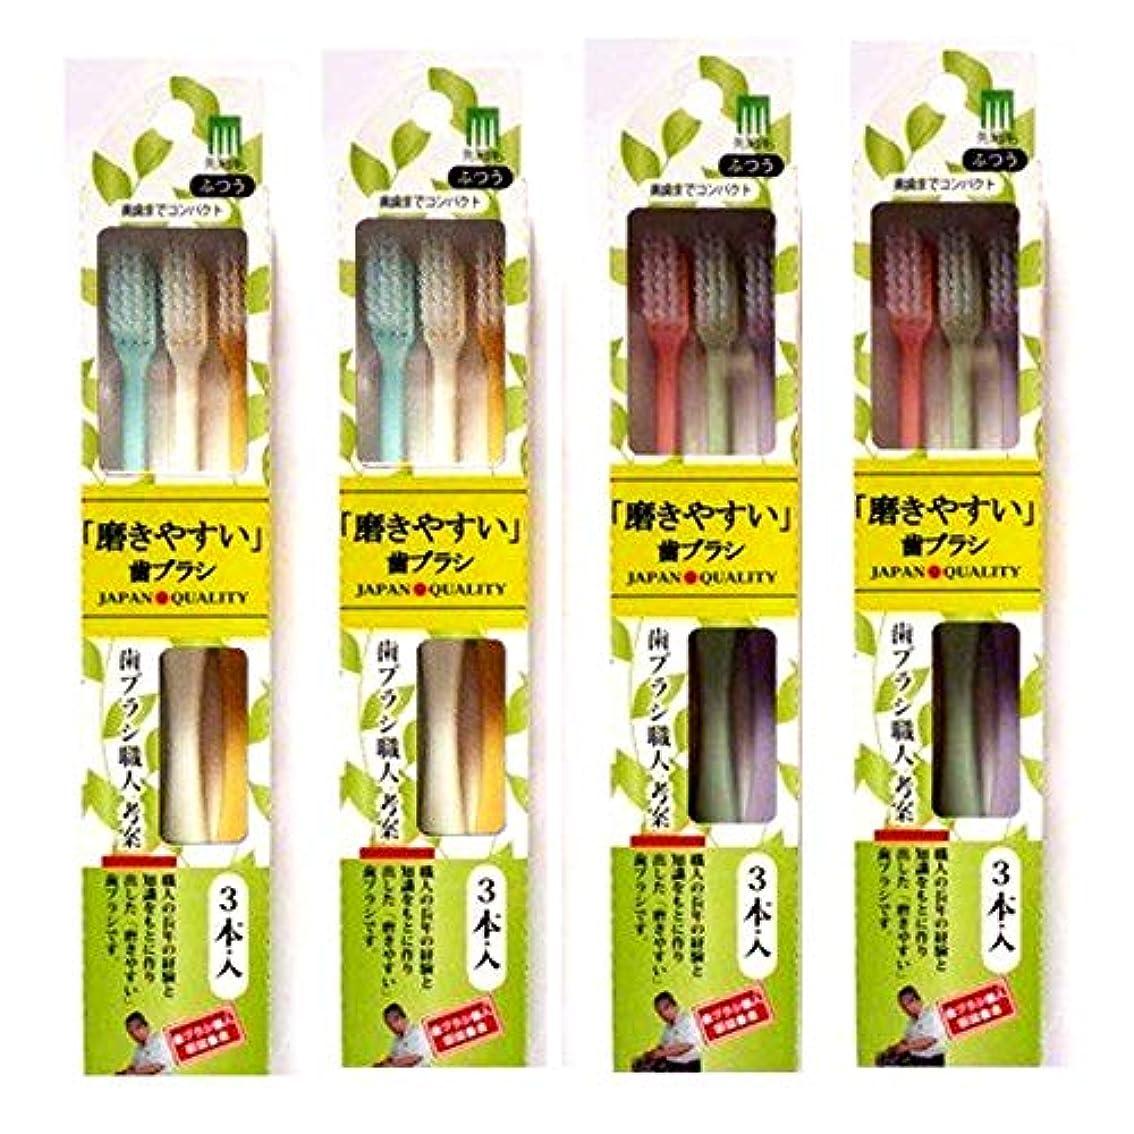 確認オッズ慣れる磨きやすい歯ブラシ (先細毛) 奥までコンパクト ELT-1 (3本組×4個セット)